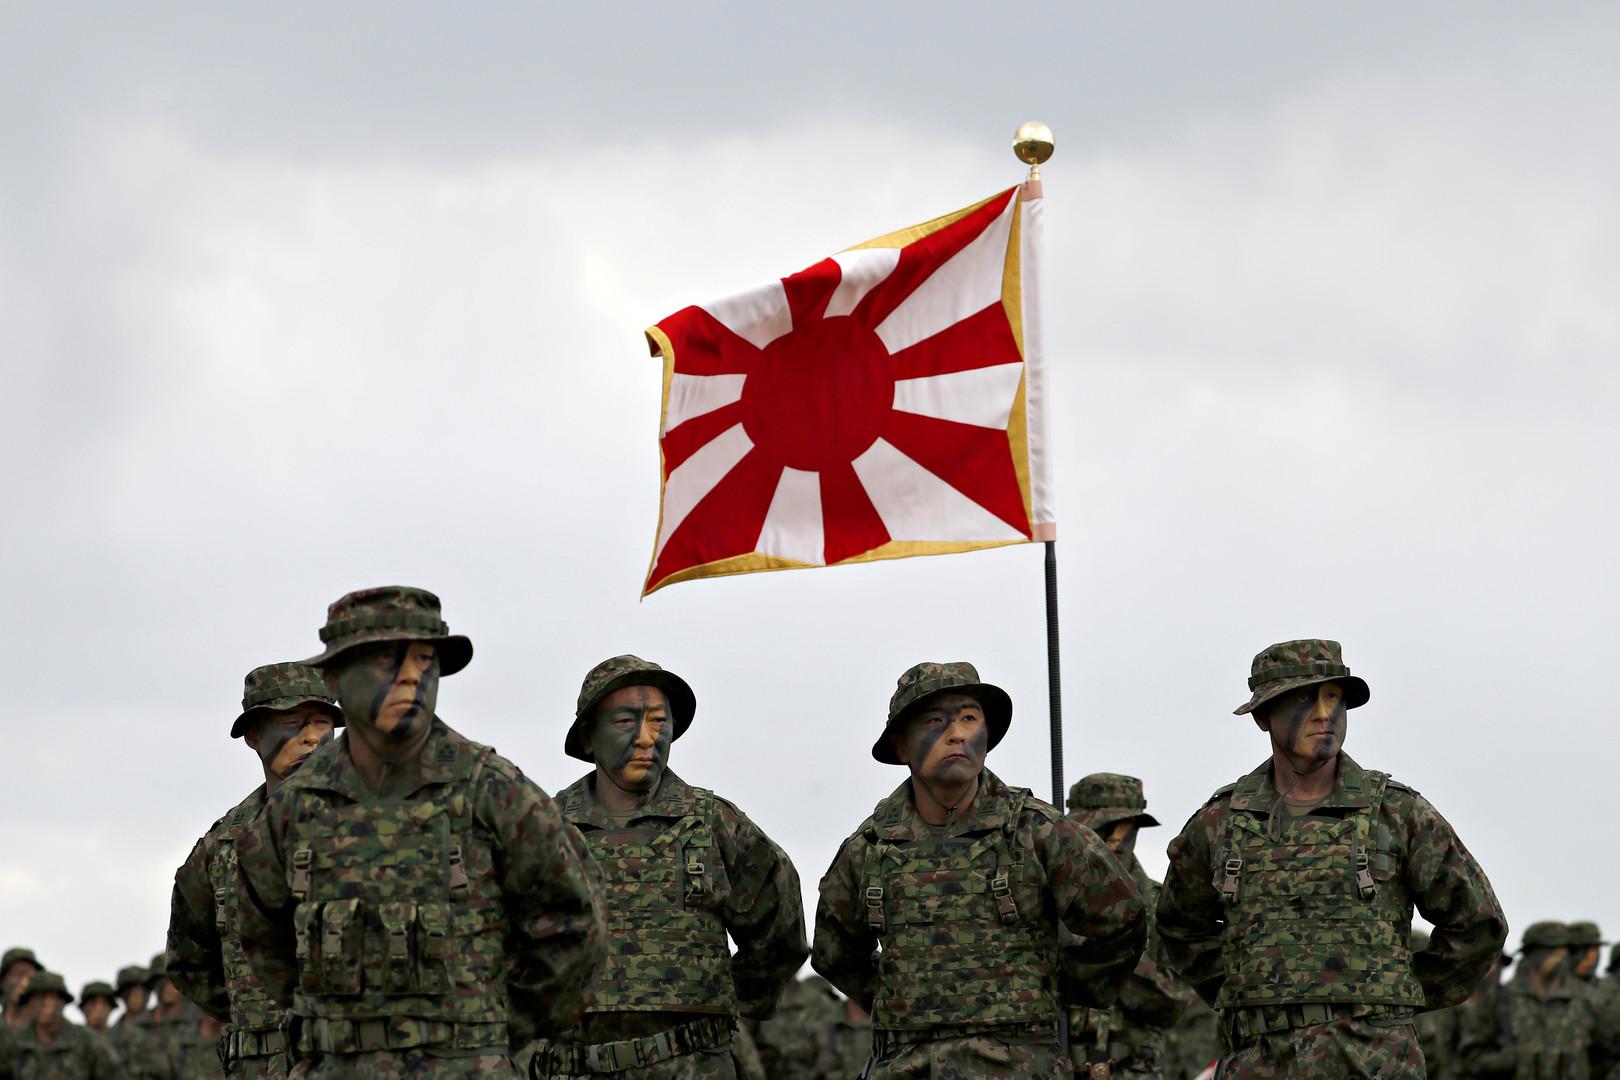 Fantastisch Armee Mfr Vorlage Zeitgenössisch - Beispiel ...